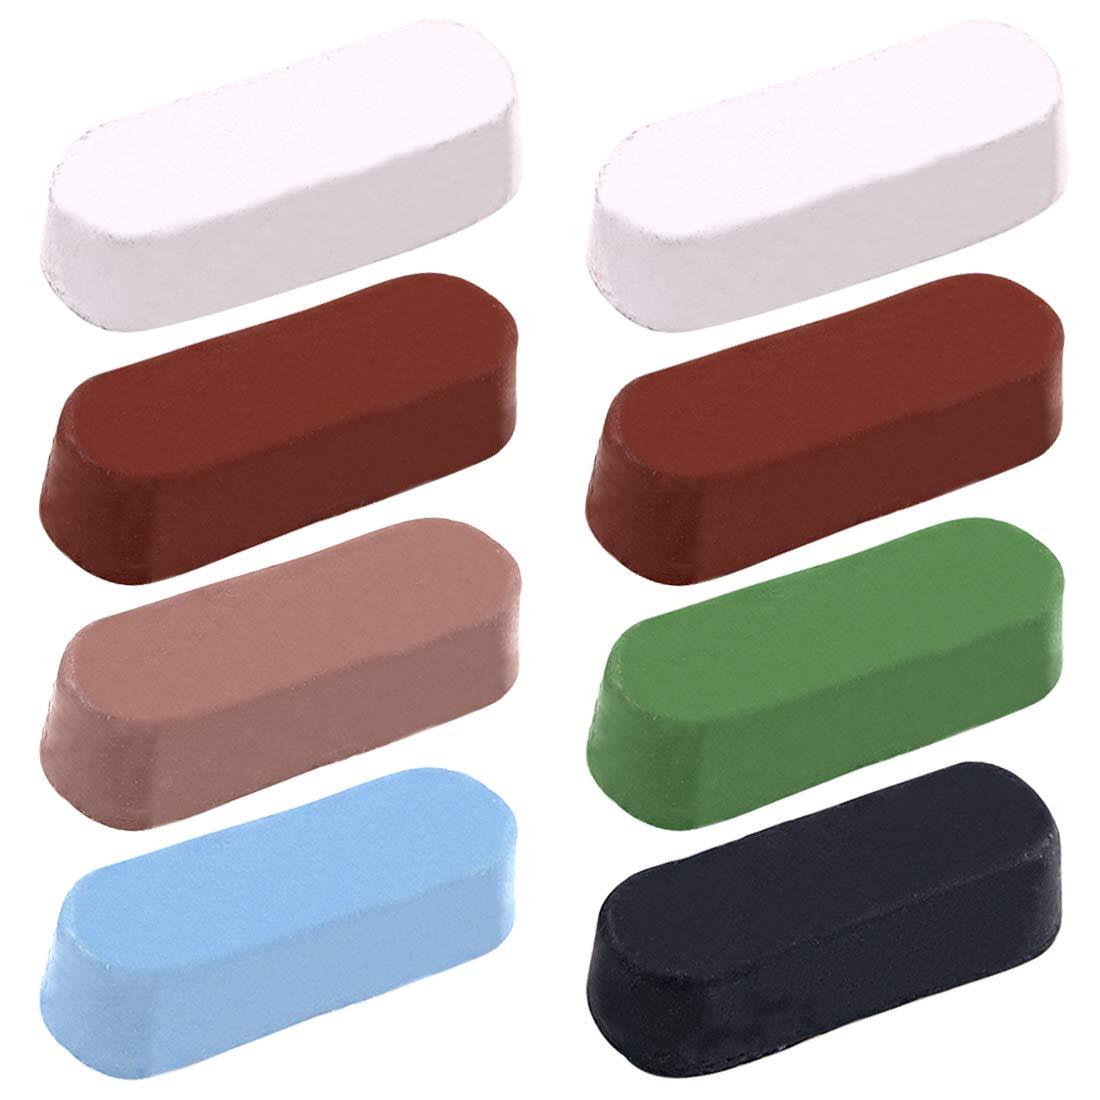 Swpeet 8Pcs Polishing Compound Kit, Including 2Pcs White Diamond, 2Pcs Red Rouge, 1Pcs Black Emery, 1Pcs Brown Tripoli, All Purpose 1Pcs Blue with 1Pcs General Green Compounds for Buffing Polishing